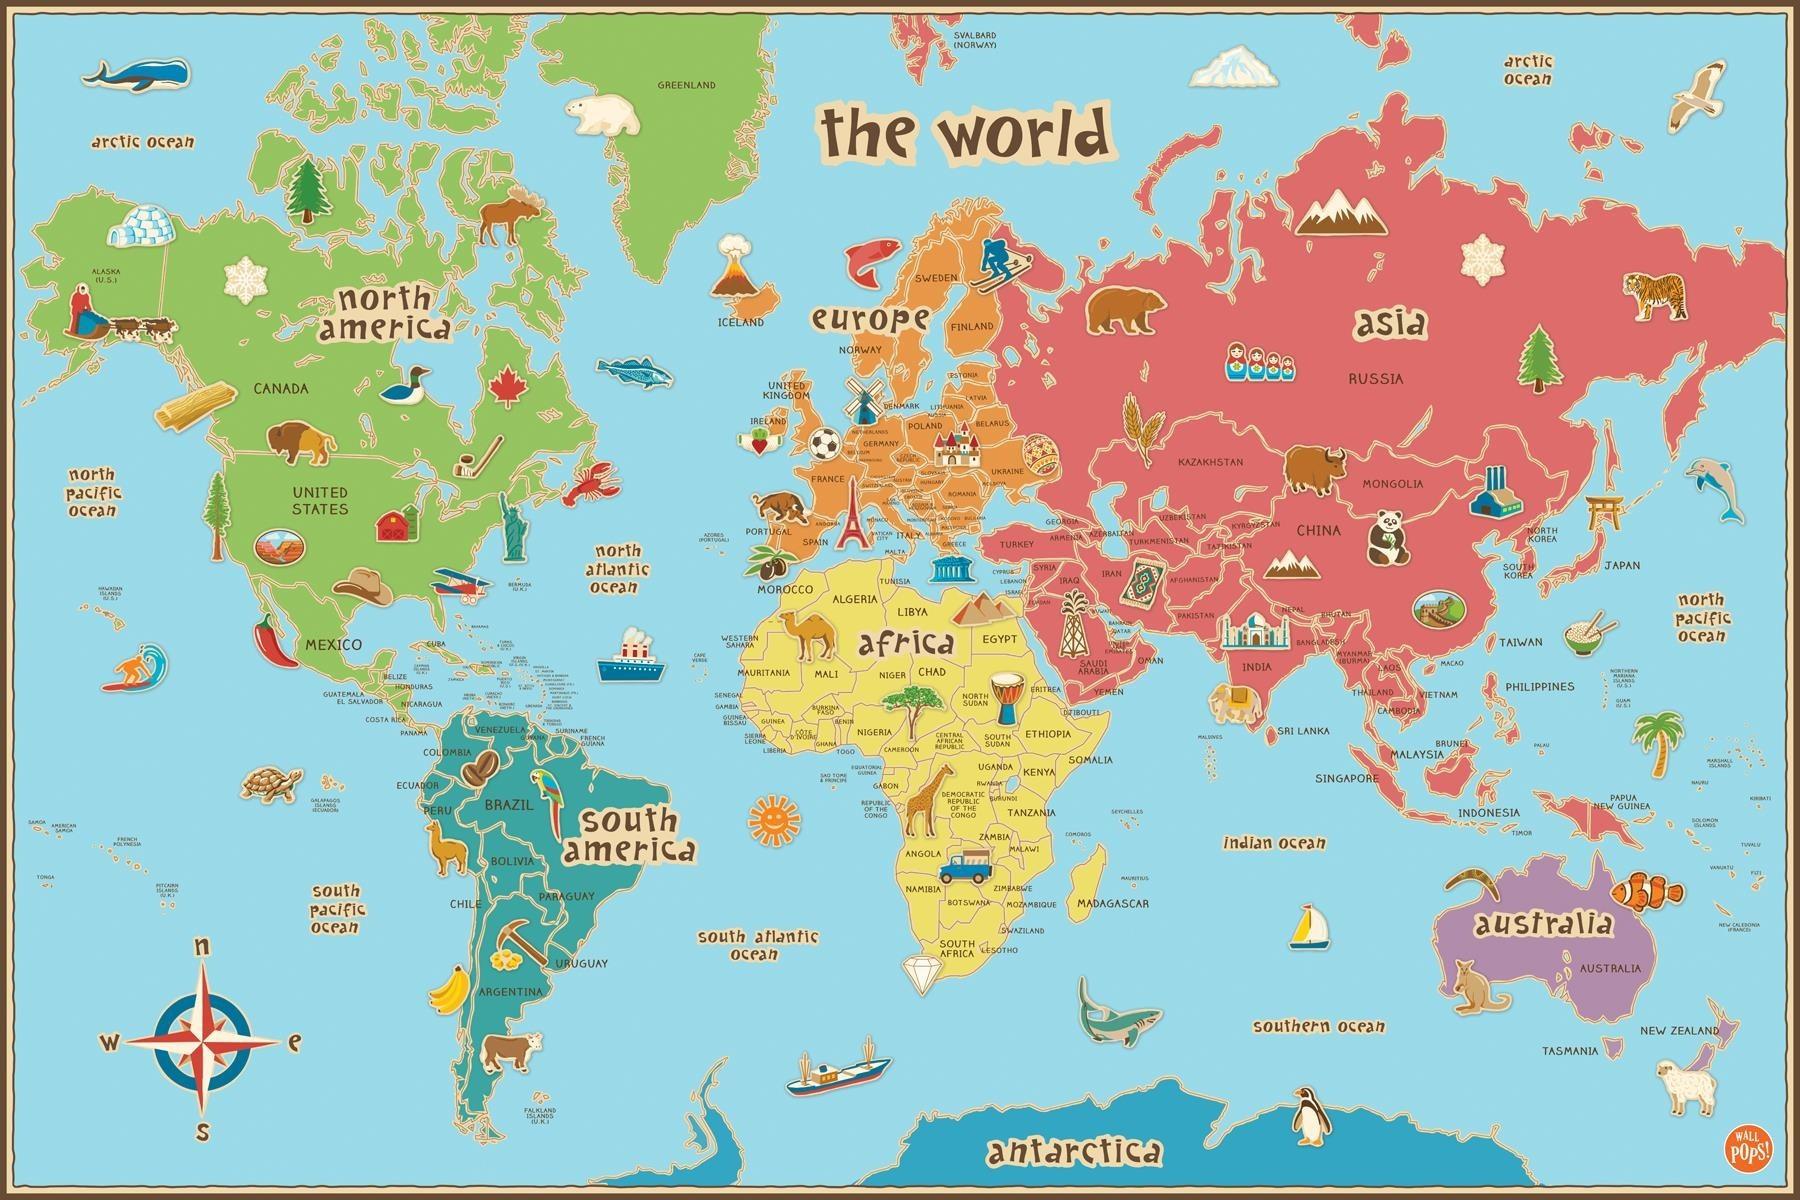 Printable World Maps Reference Printable World Map Pdf New Printable - Free Printable World Map Pdf